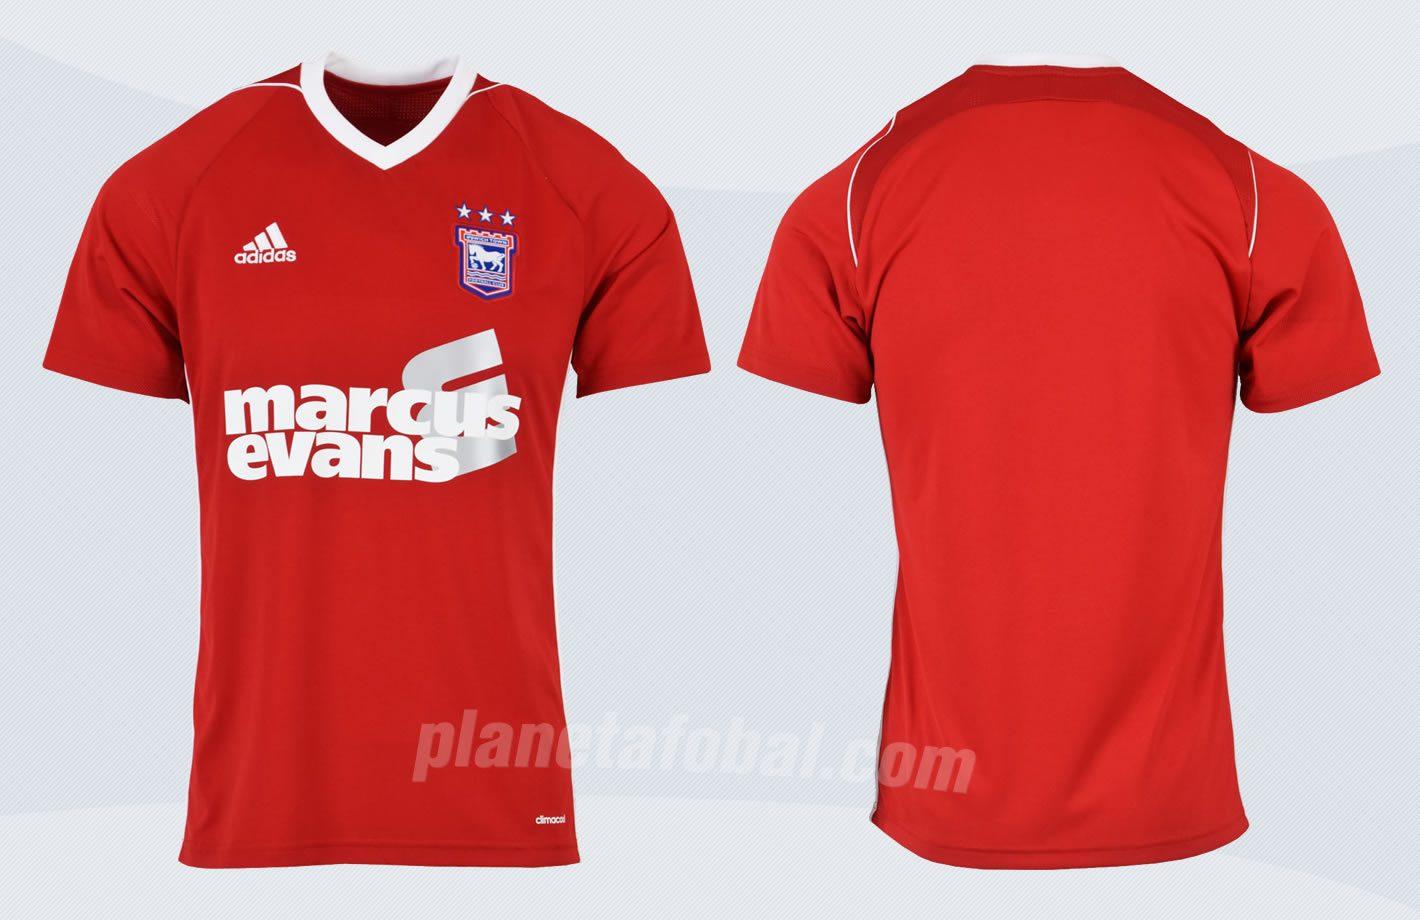 Camiseta suplente 2017-18 del Ipswich Town | Imágenes Web Oficial